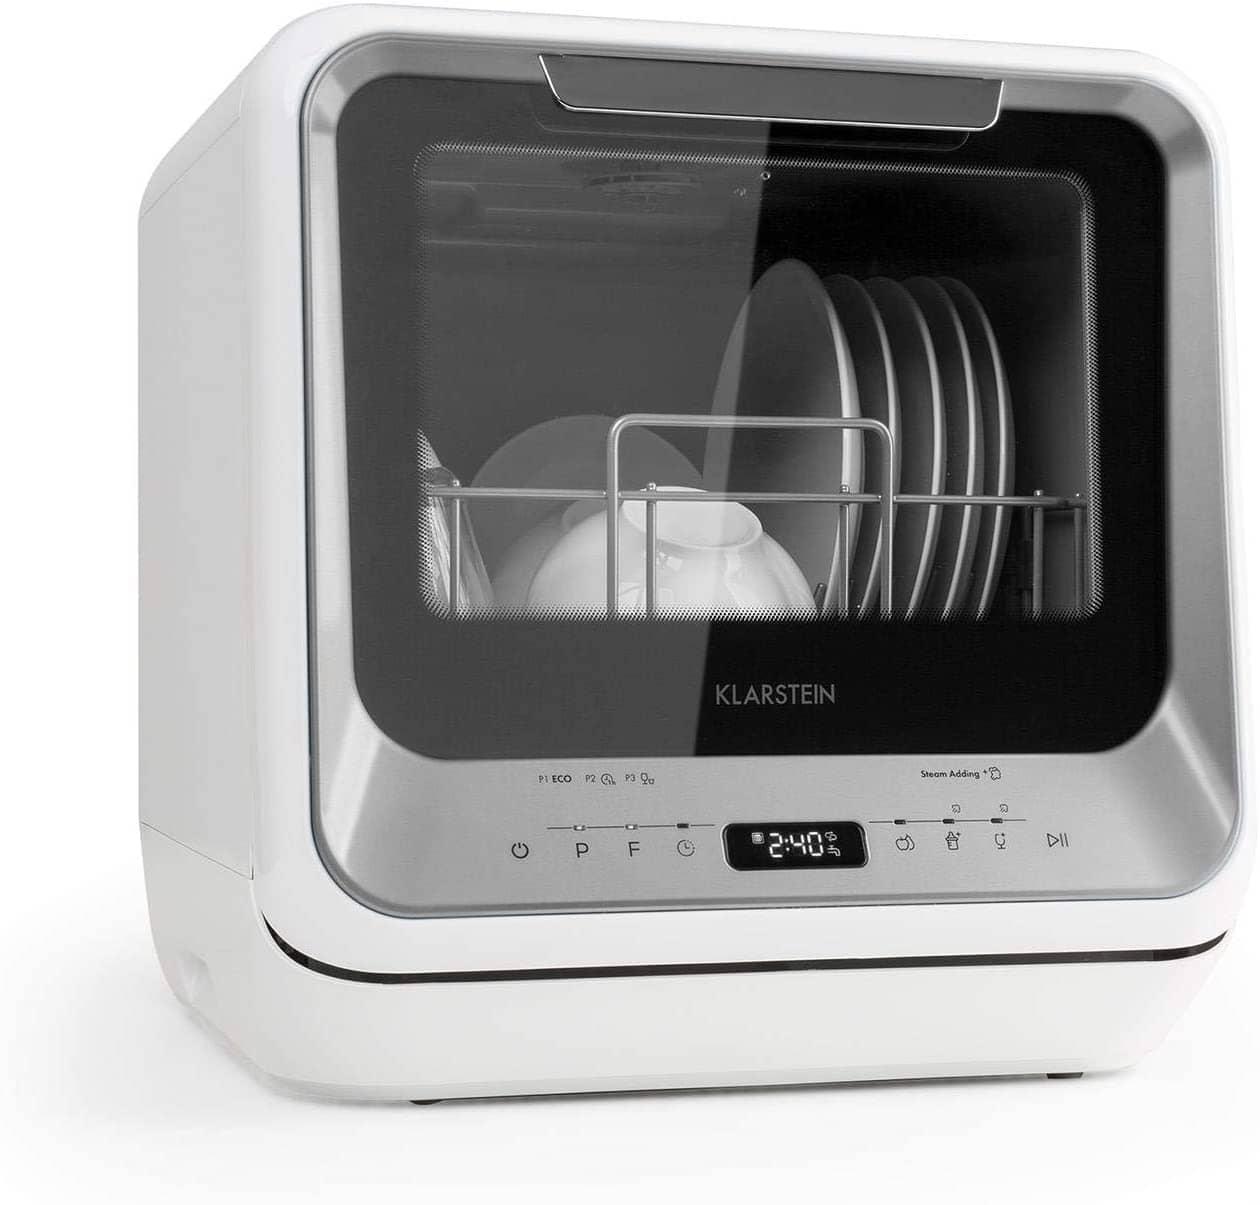 lavavajillas-compacto-karstein-amazonia-mini.jpg